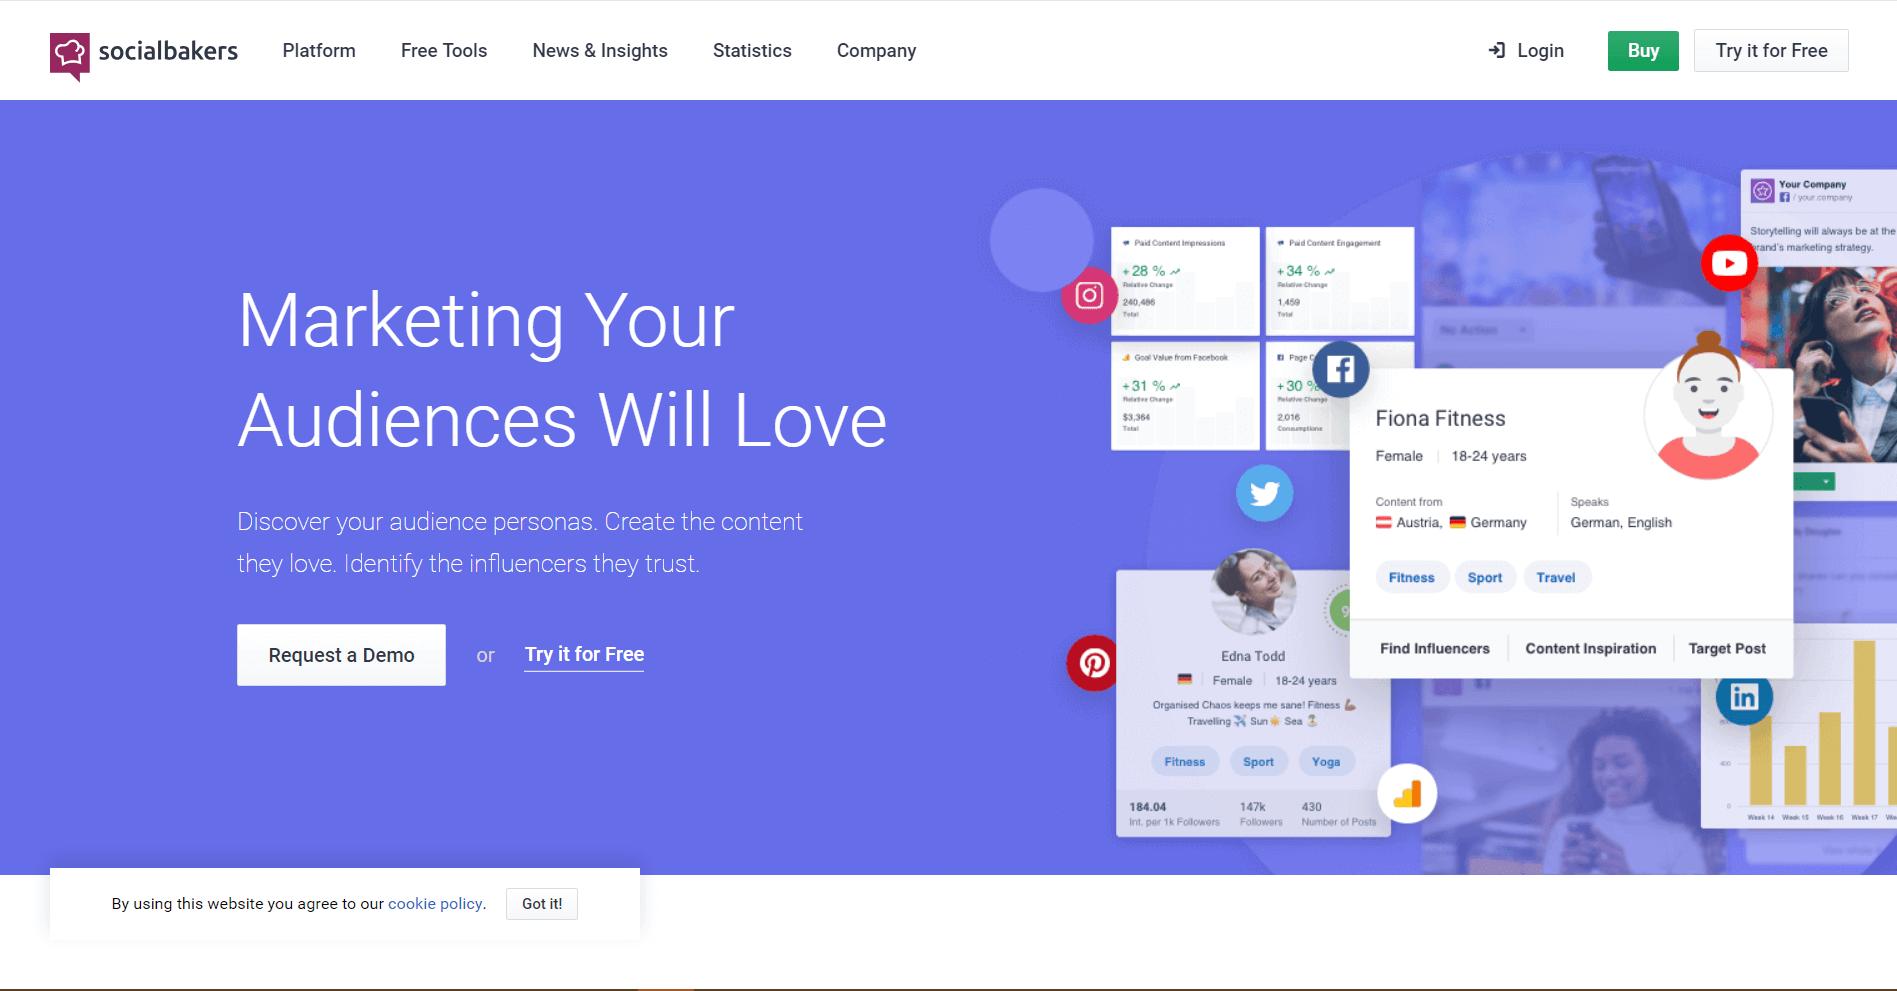 Socialbakers Social Media Marketing Tool